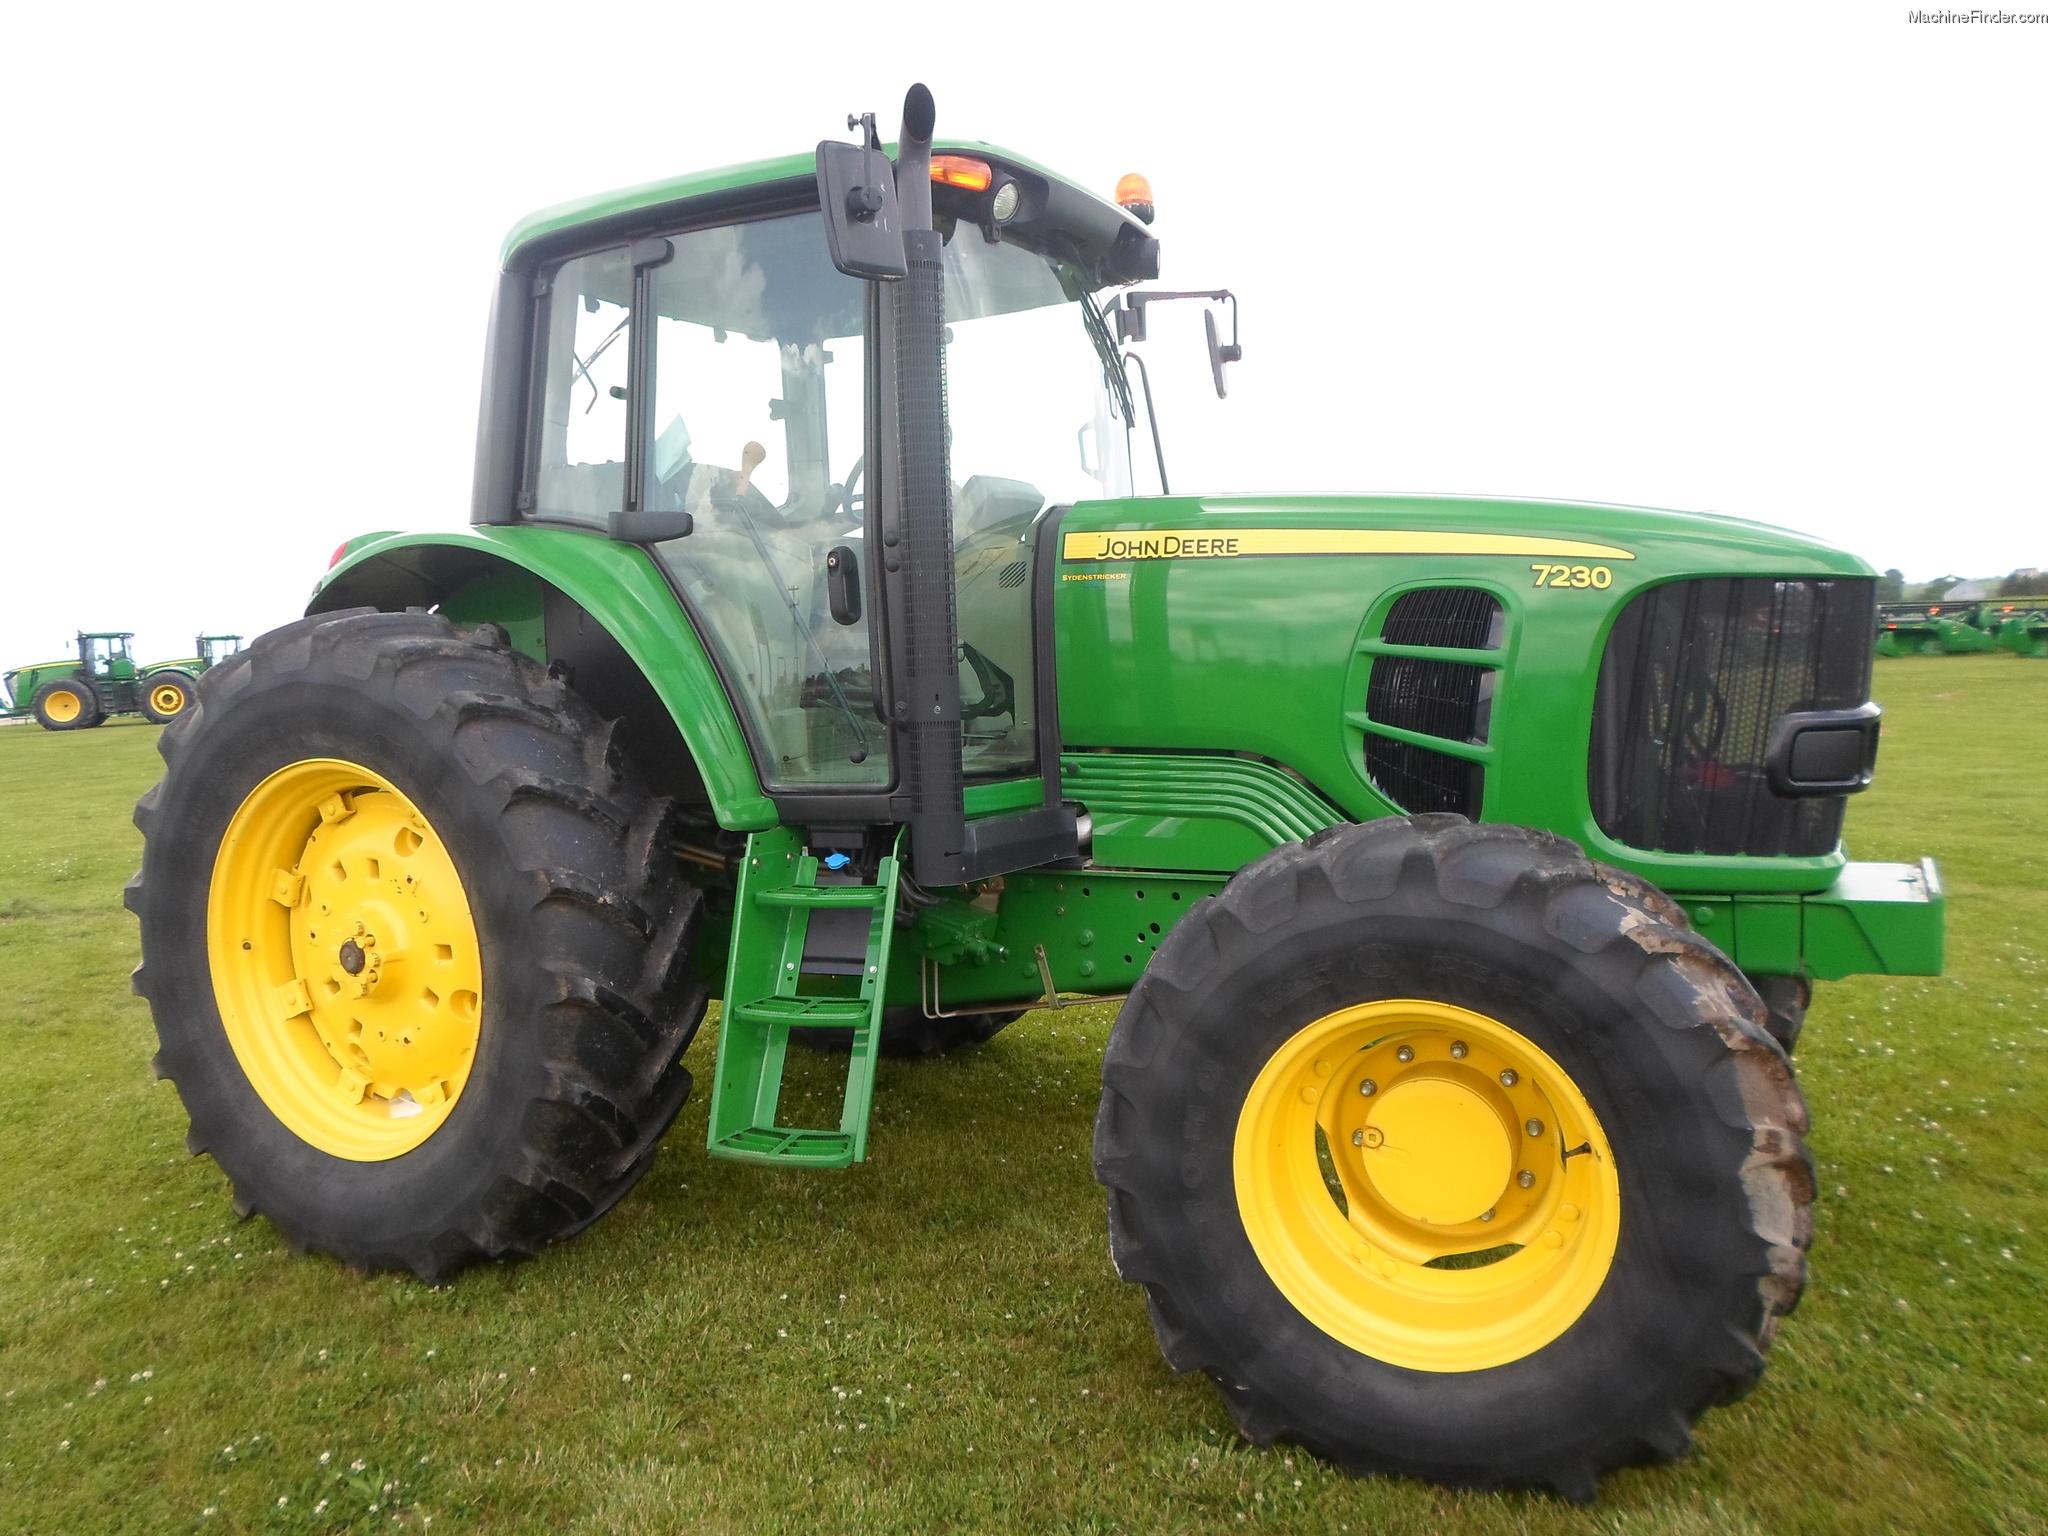 2013 John Deere 7230 Tractors - Row Crop (+100hp) - John ...